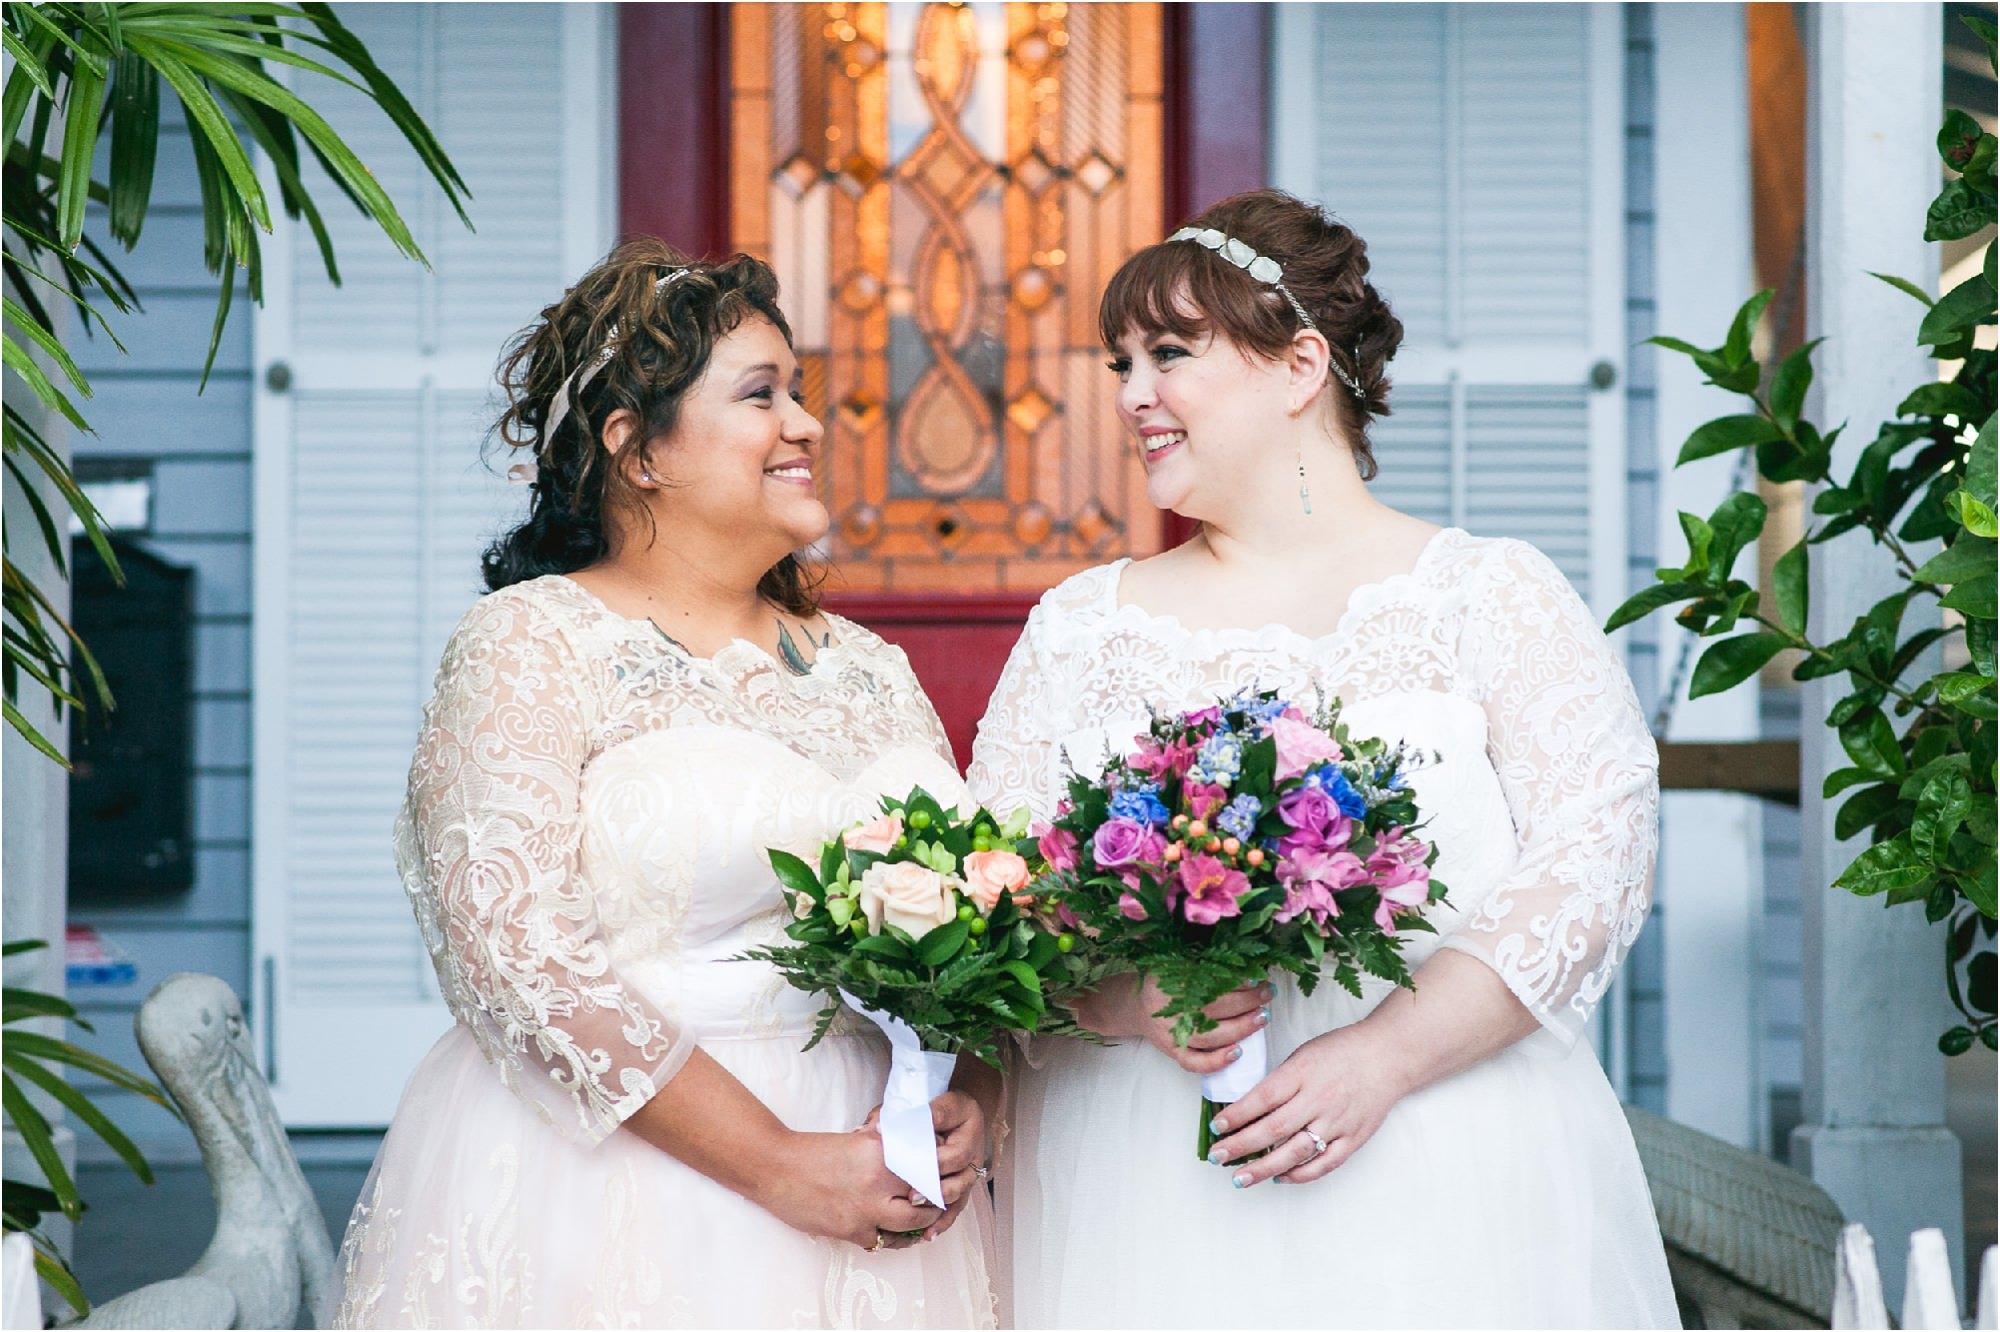 Key west florida-lesbian-wedding-getting ready